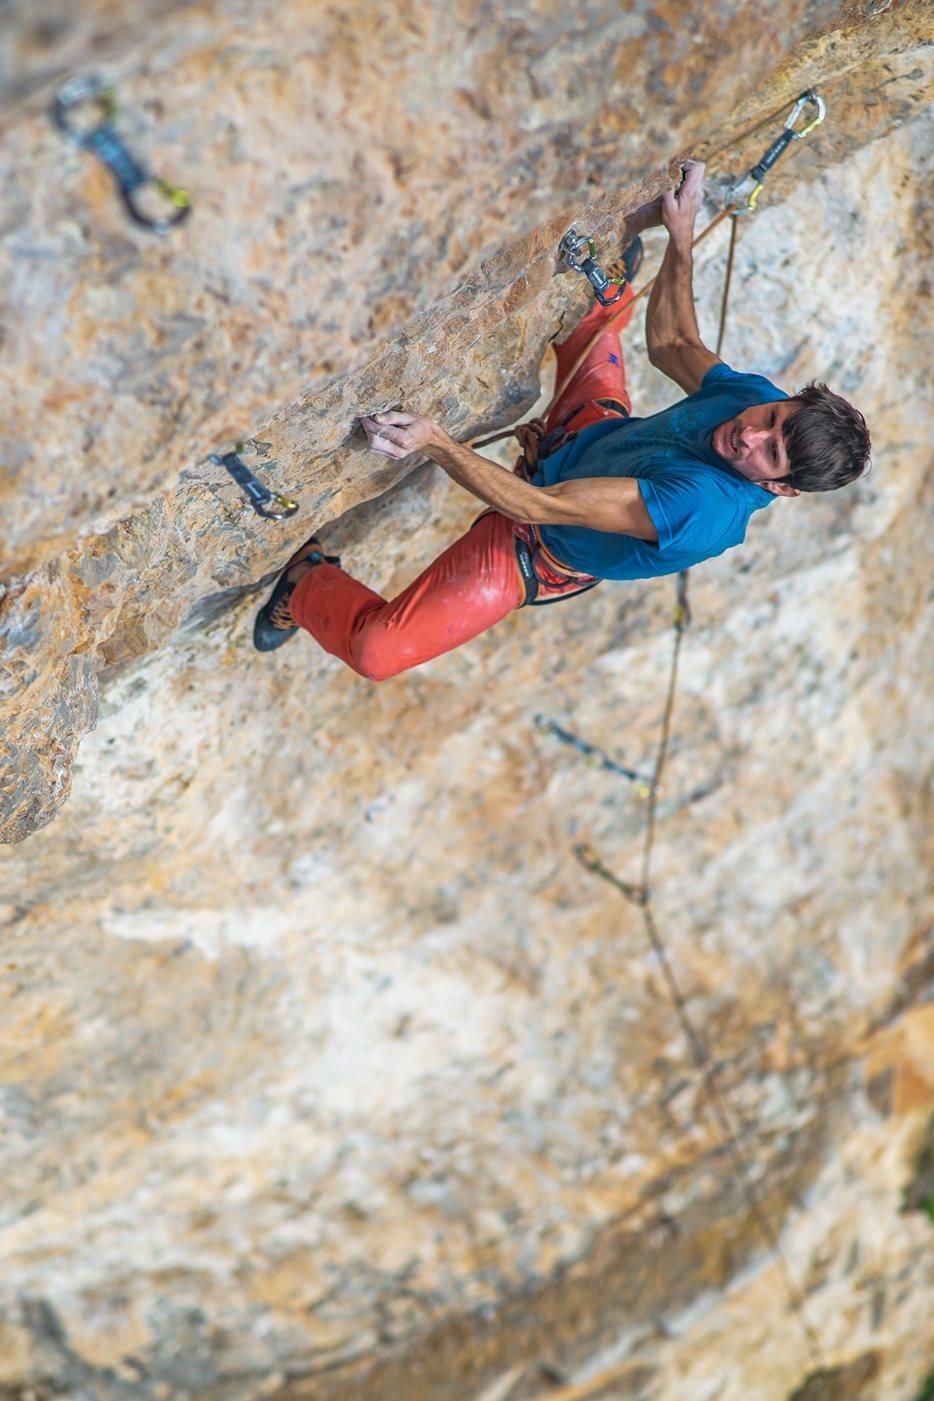 Thomas on the first ascent of Un Gusto Della Liberta, Ulassai, Sardinia.